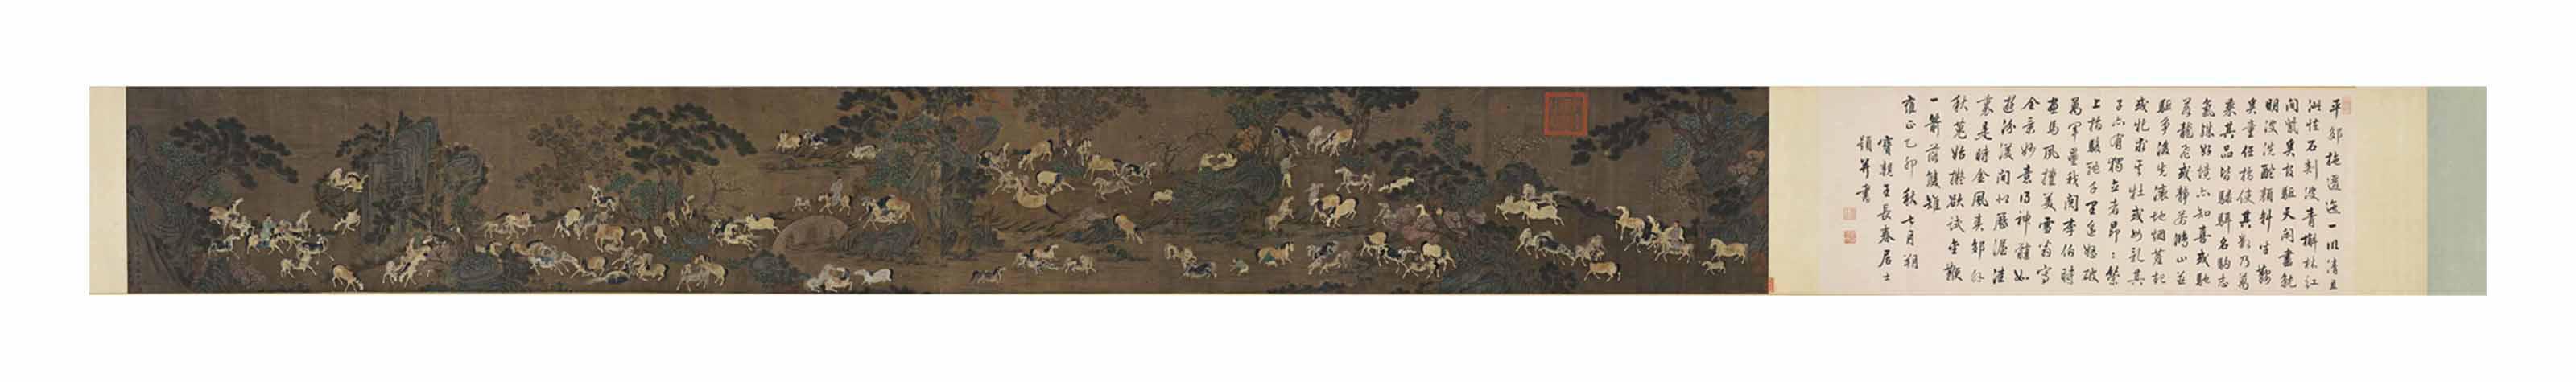 ZHAO MENGFU (1254-1322) AS CAT